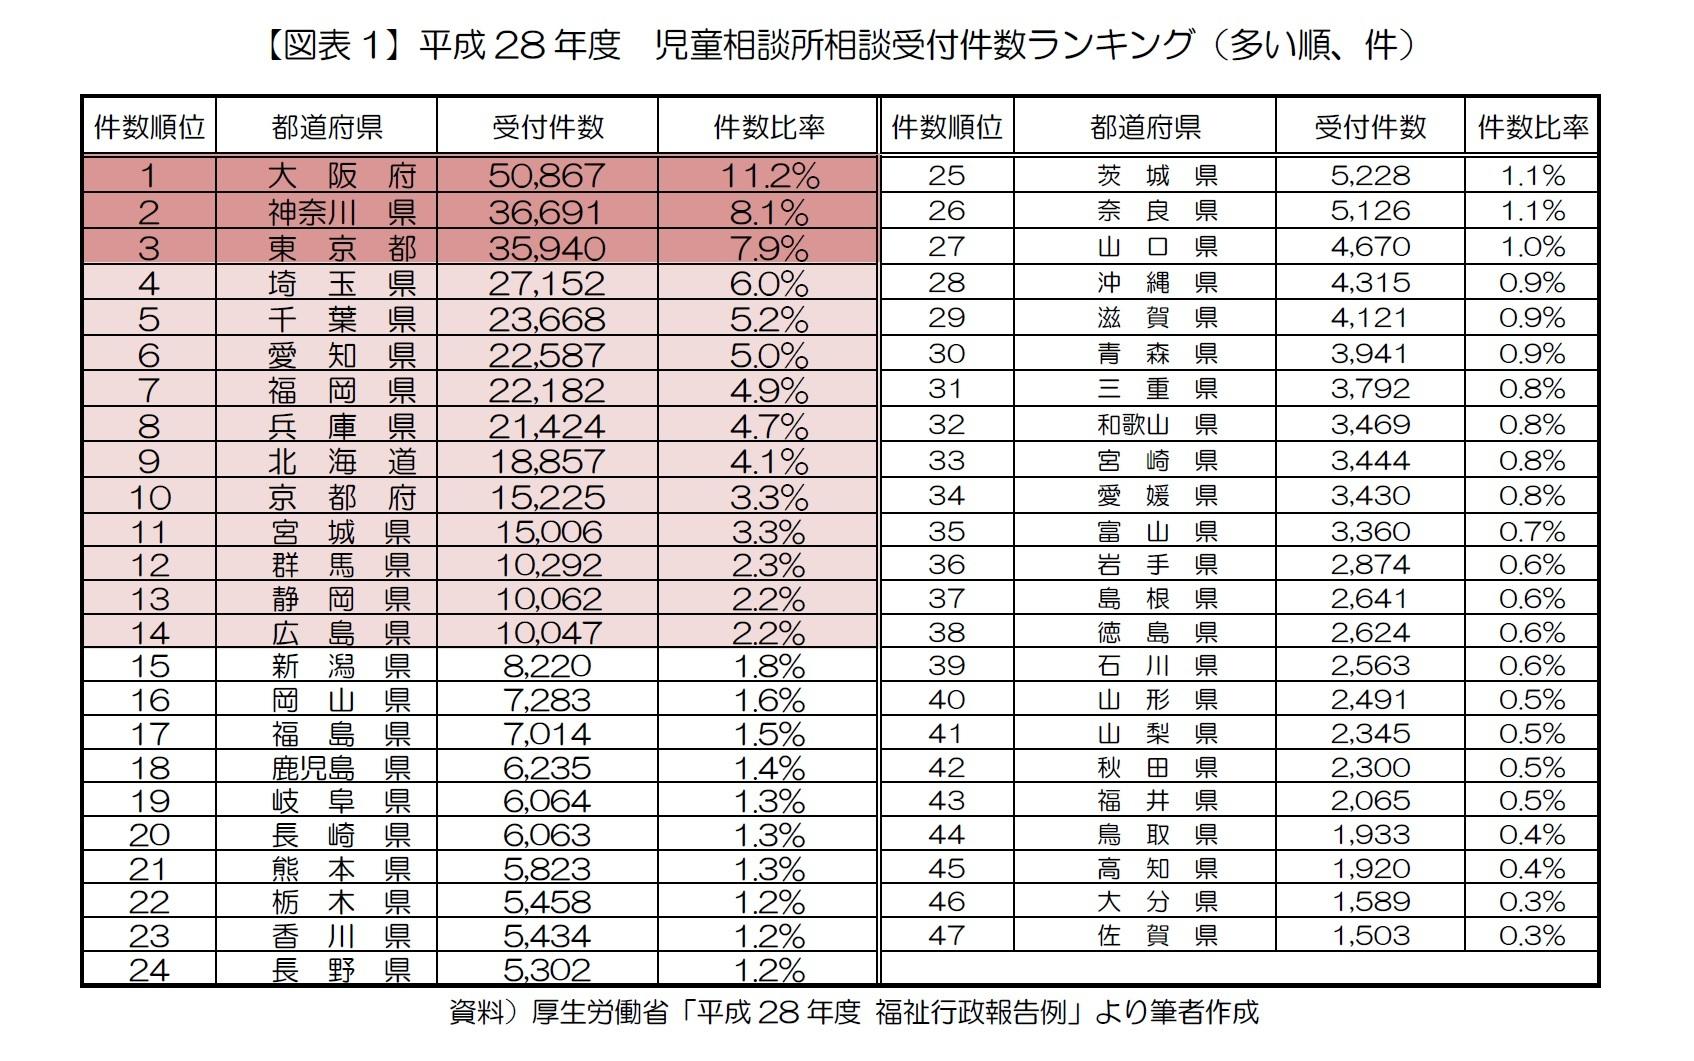 【図表1】平成28年度 児童相談所相談受付件数ランキング(多い順、件)